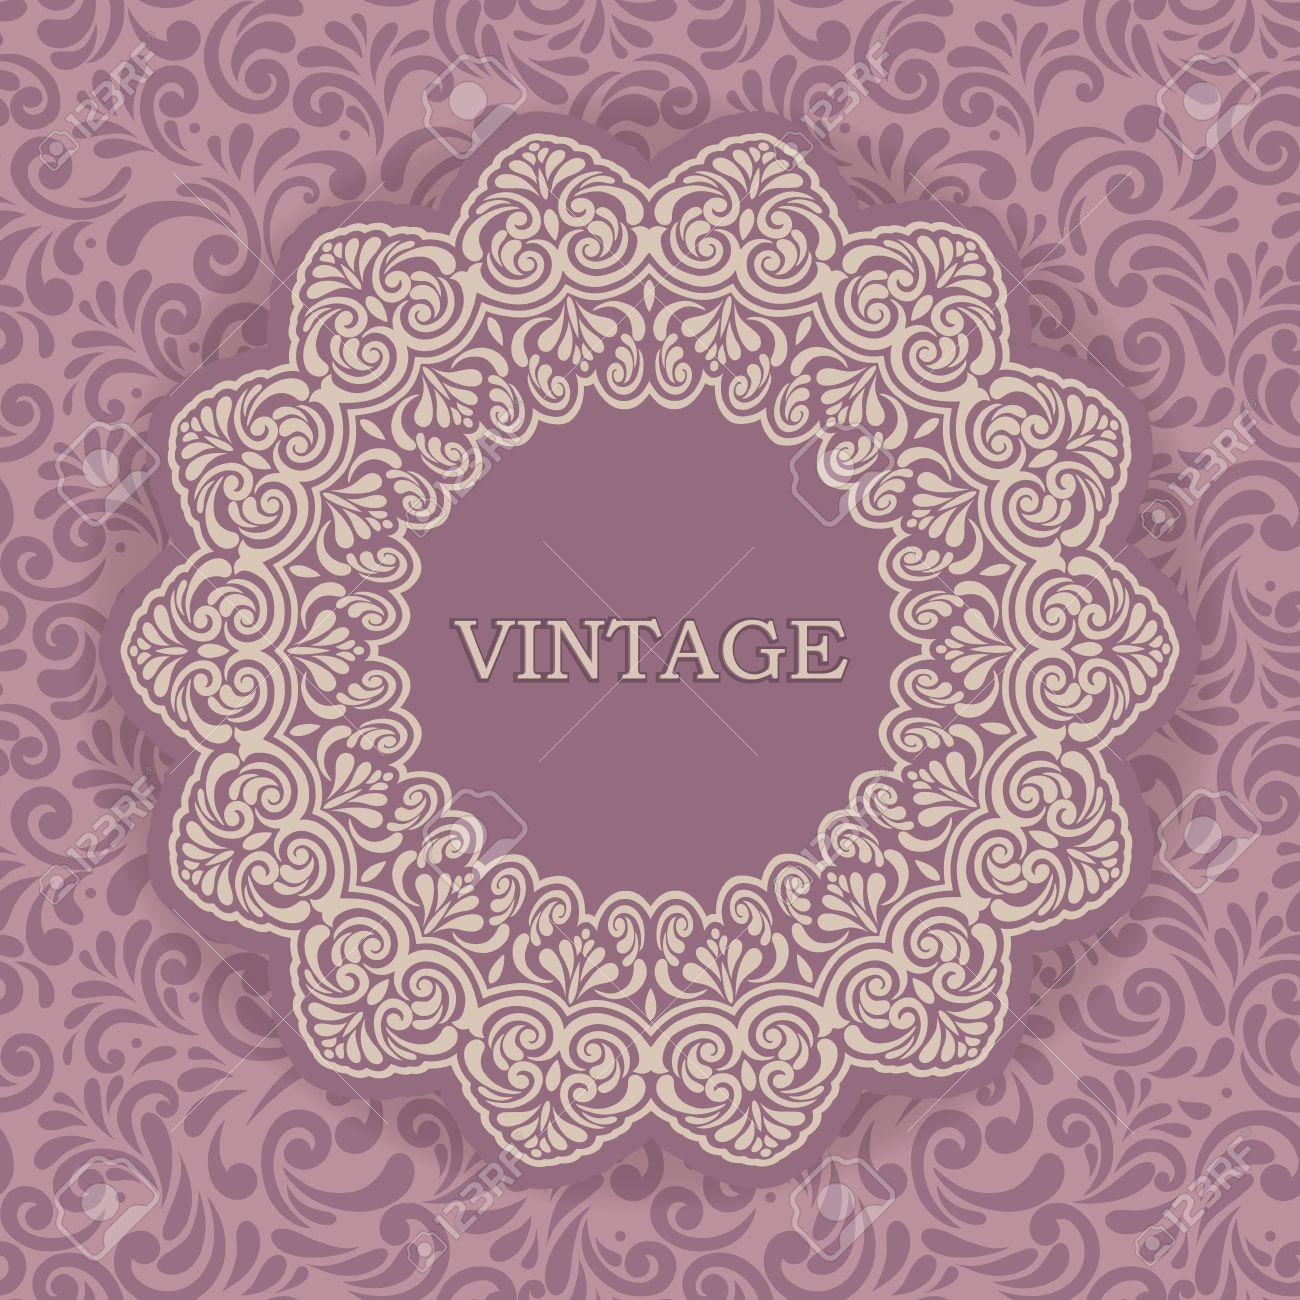 Vintage Frame On Seamless Wallpaper Design Pastel Pink Colored